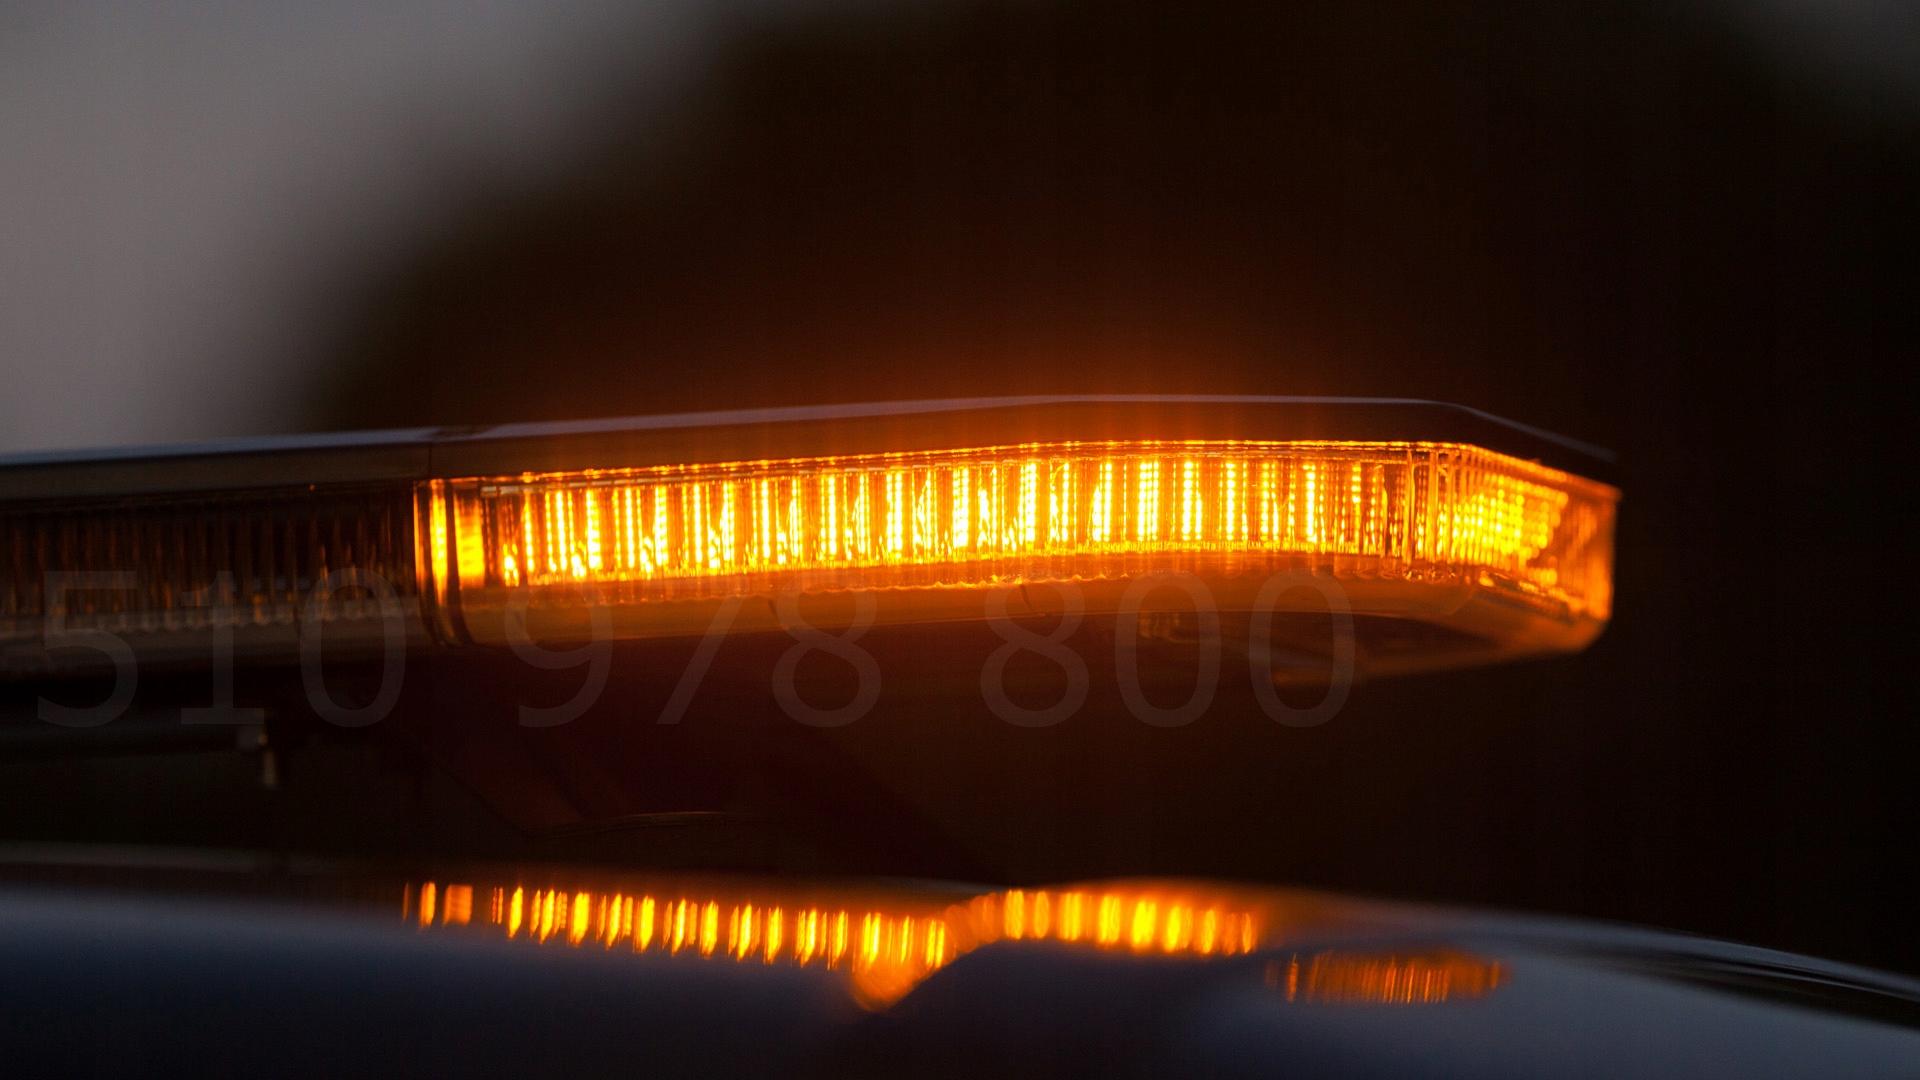 Петух луч лампа СВЕТОДИОДНАЯ 110 см R65 комплект изображение 6